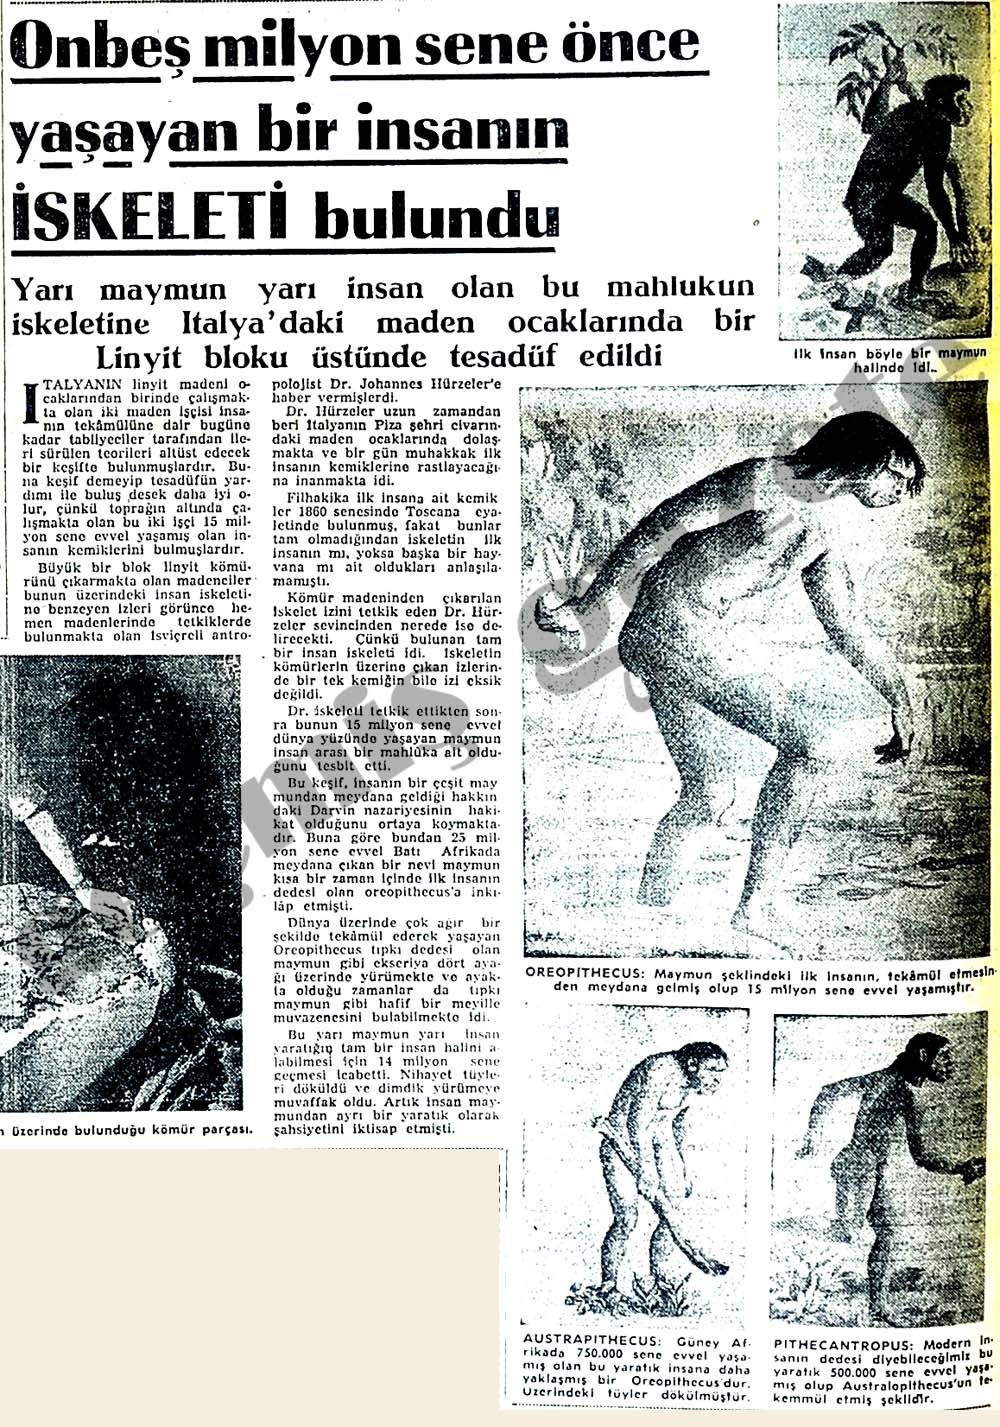 Onbeş milyon sene önce yaşayan bir insanın iskeleti bulundu